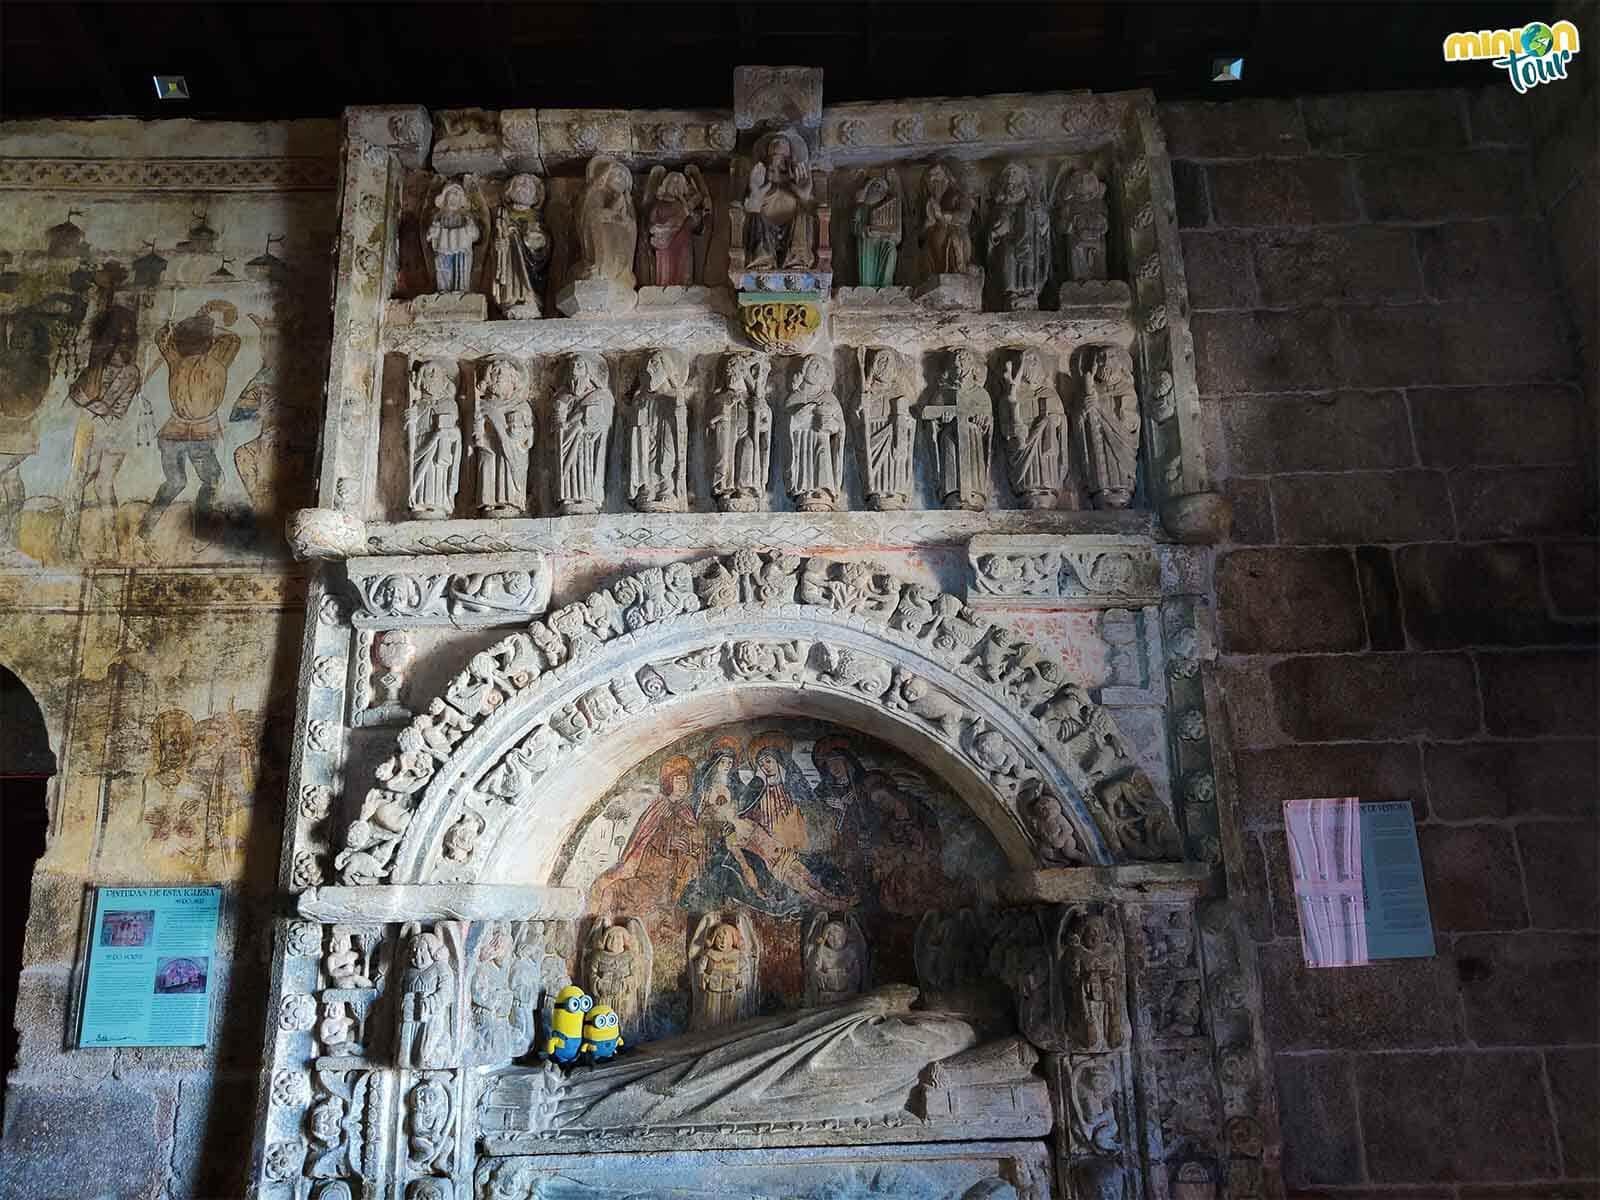 Estamos descubriendo la catedral del arte rural gallego